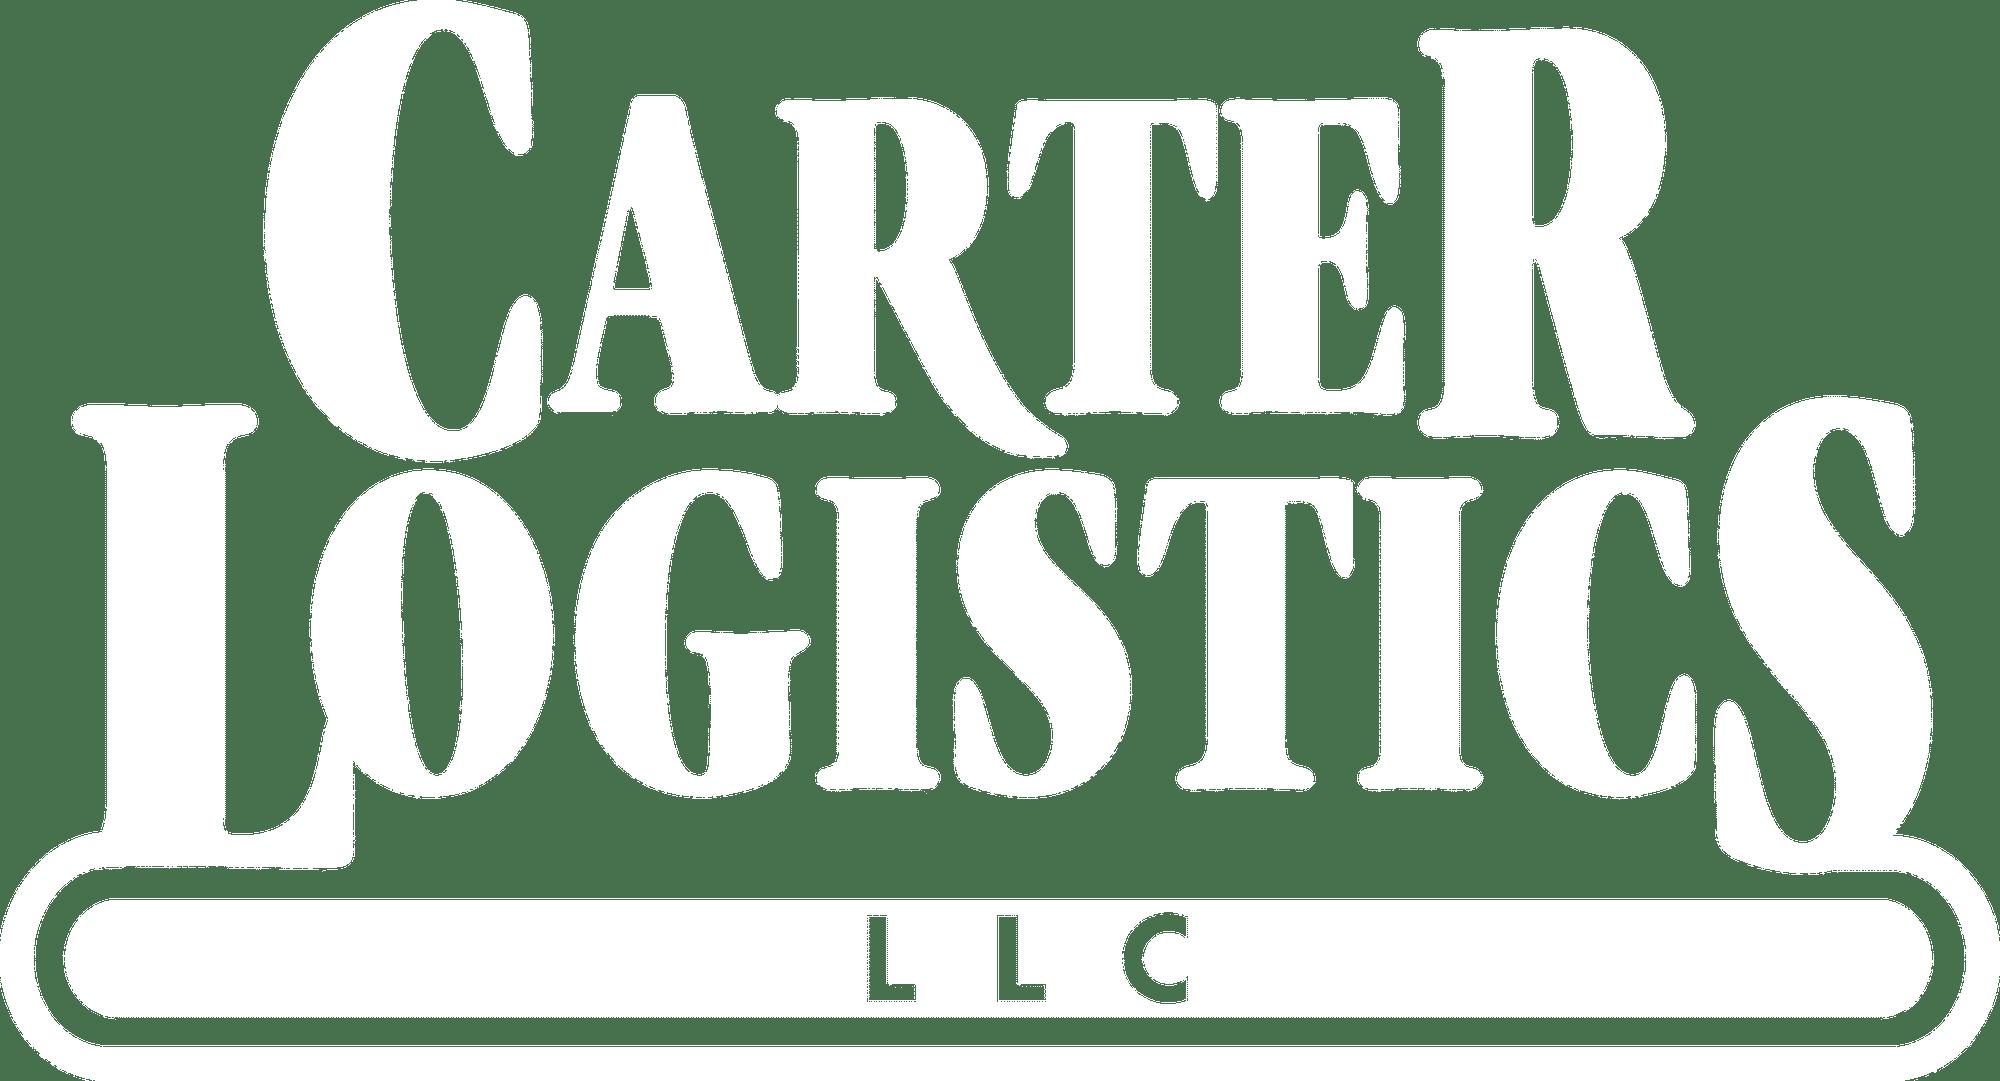 Carter Logistics - Home